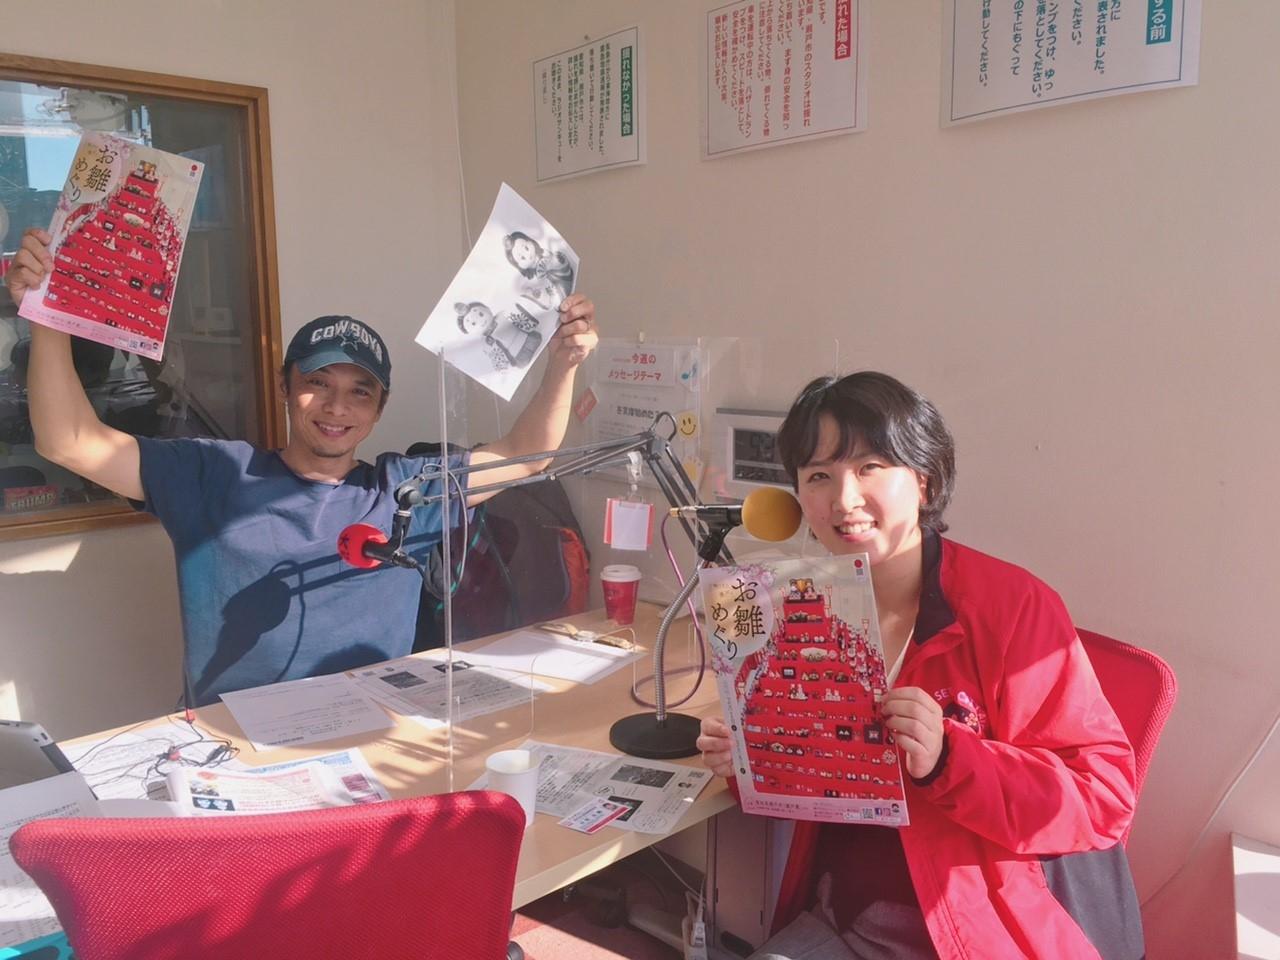 せとまちラジオ 瀬戸市まるっとミュージアム観光協会 大津さん